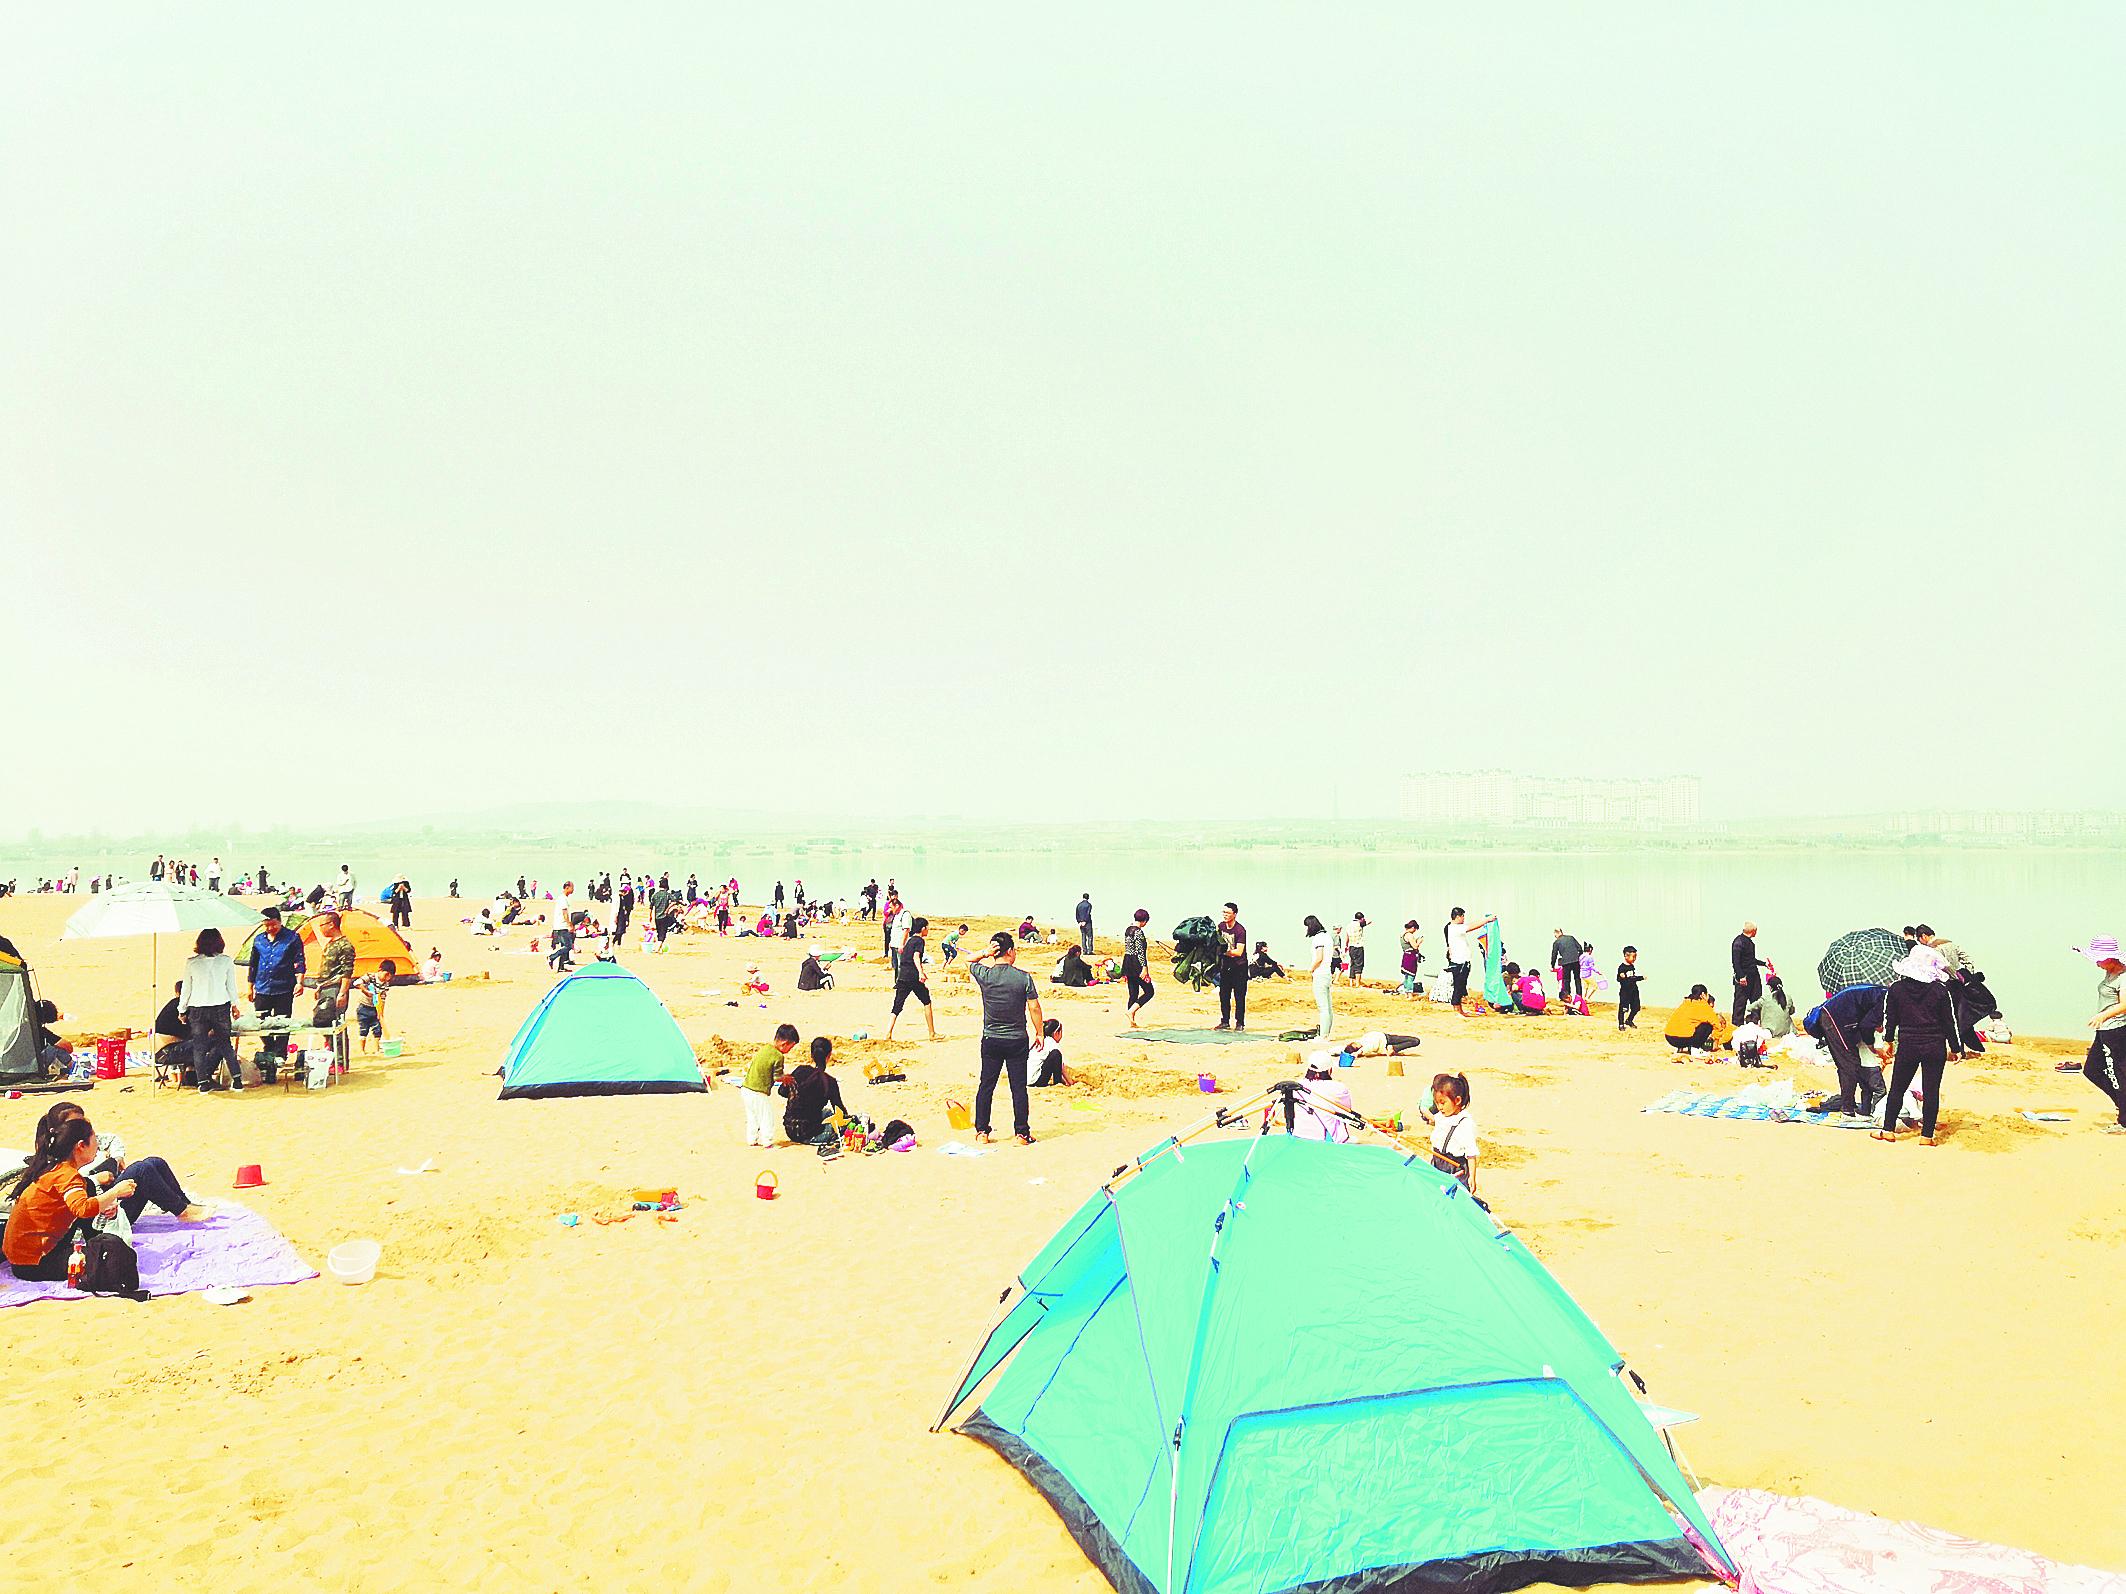 阳光明媚 淄博文昌湖滨湖沙滩游人如织